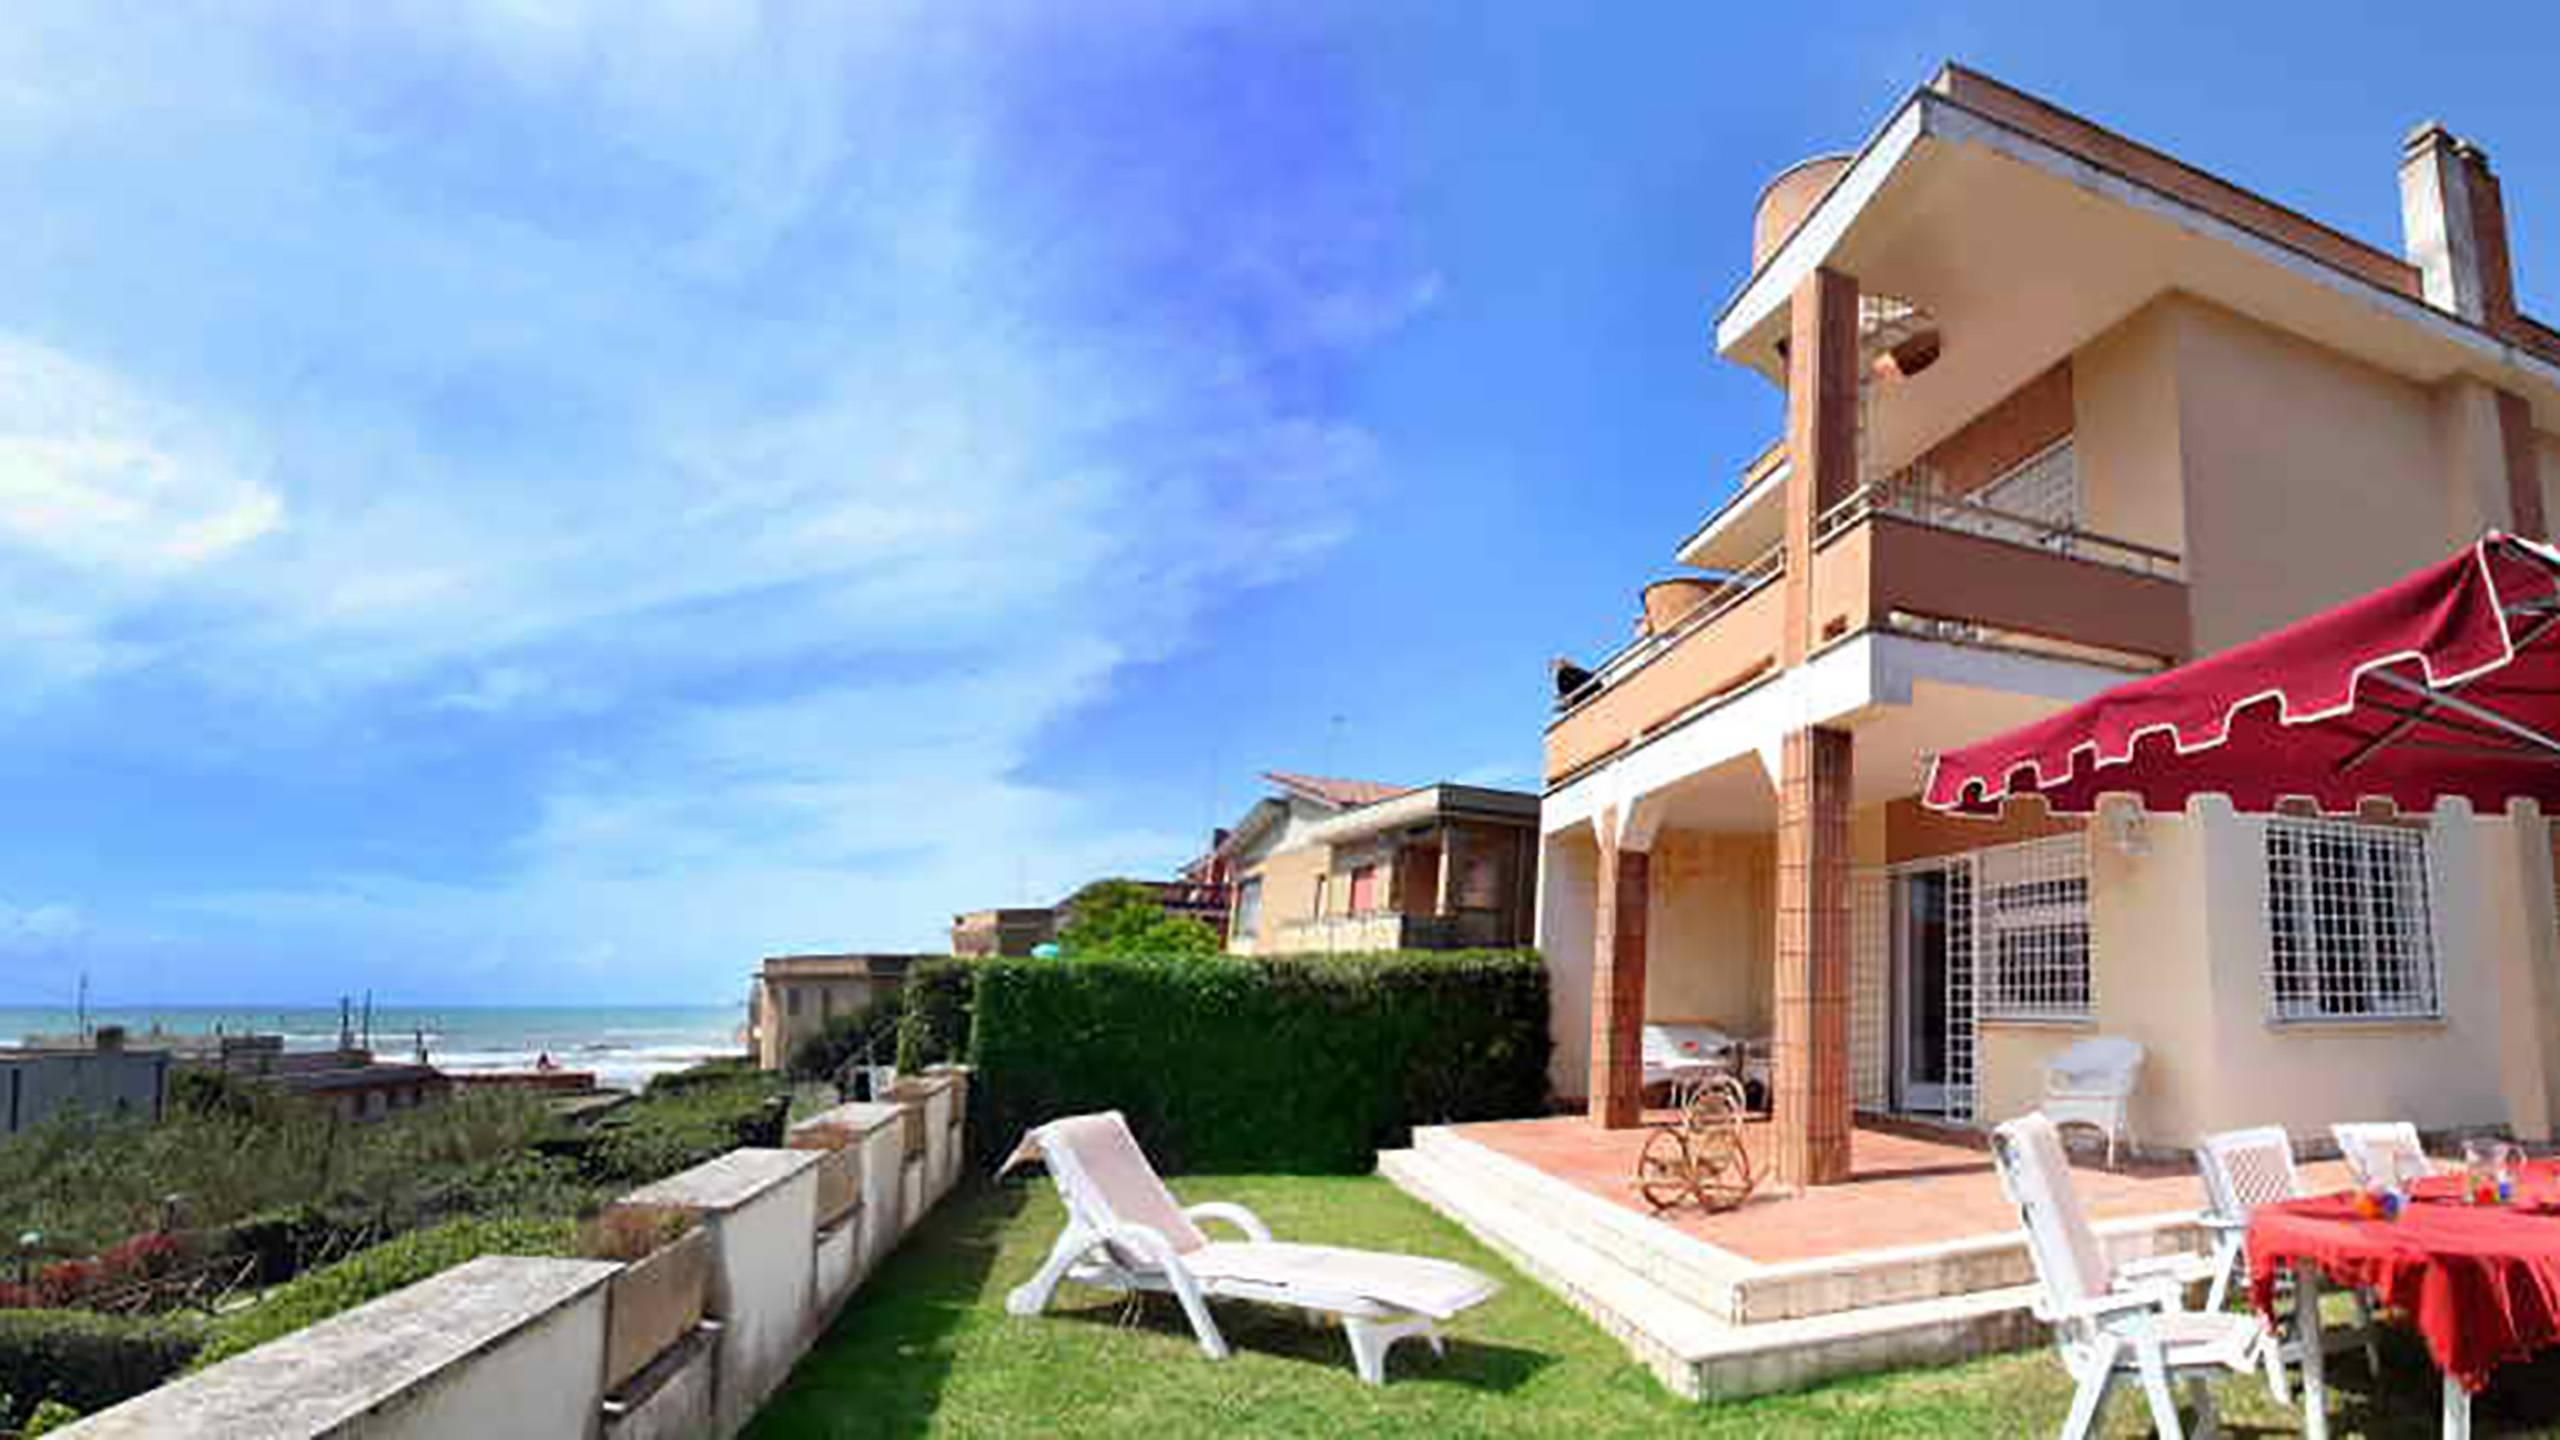 Villa-Quarta-a-Lido-dei-Gigli-lido-dei-gigli